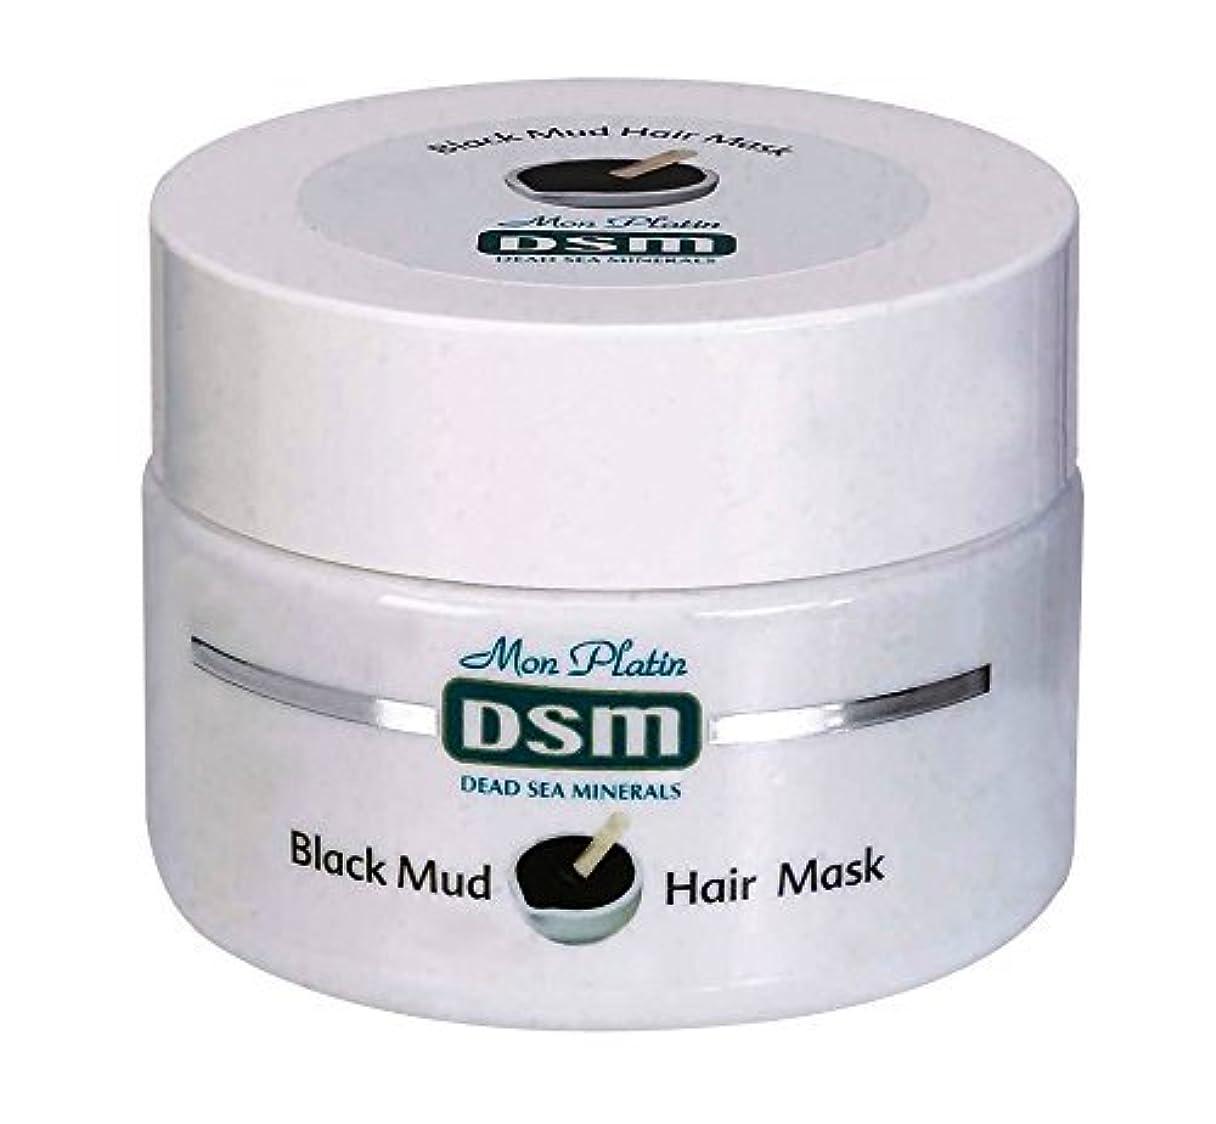 区首尾一貫した見つける頭皮と髪のための髪の泥マスク 250mL 死海ミネラル 天然 お手入れ 美容 イスラエル 全皮膚タイプ ビタミン (Mud Hair Mask  for Scalp & Hair)